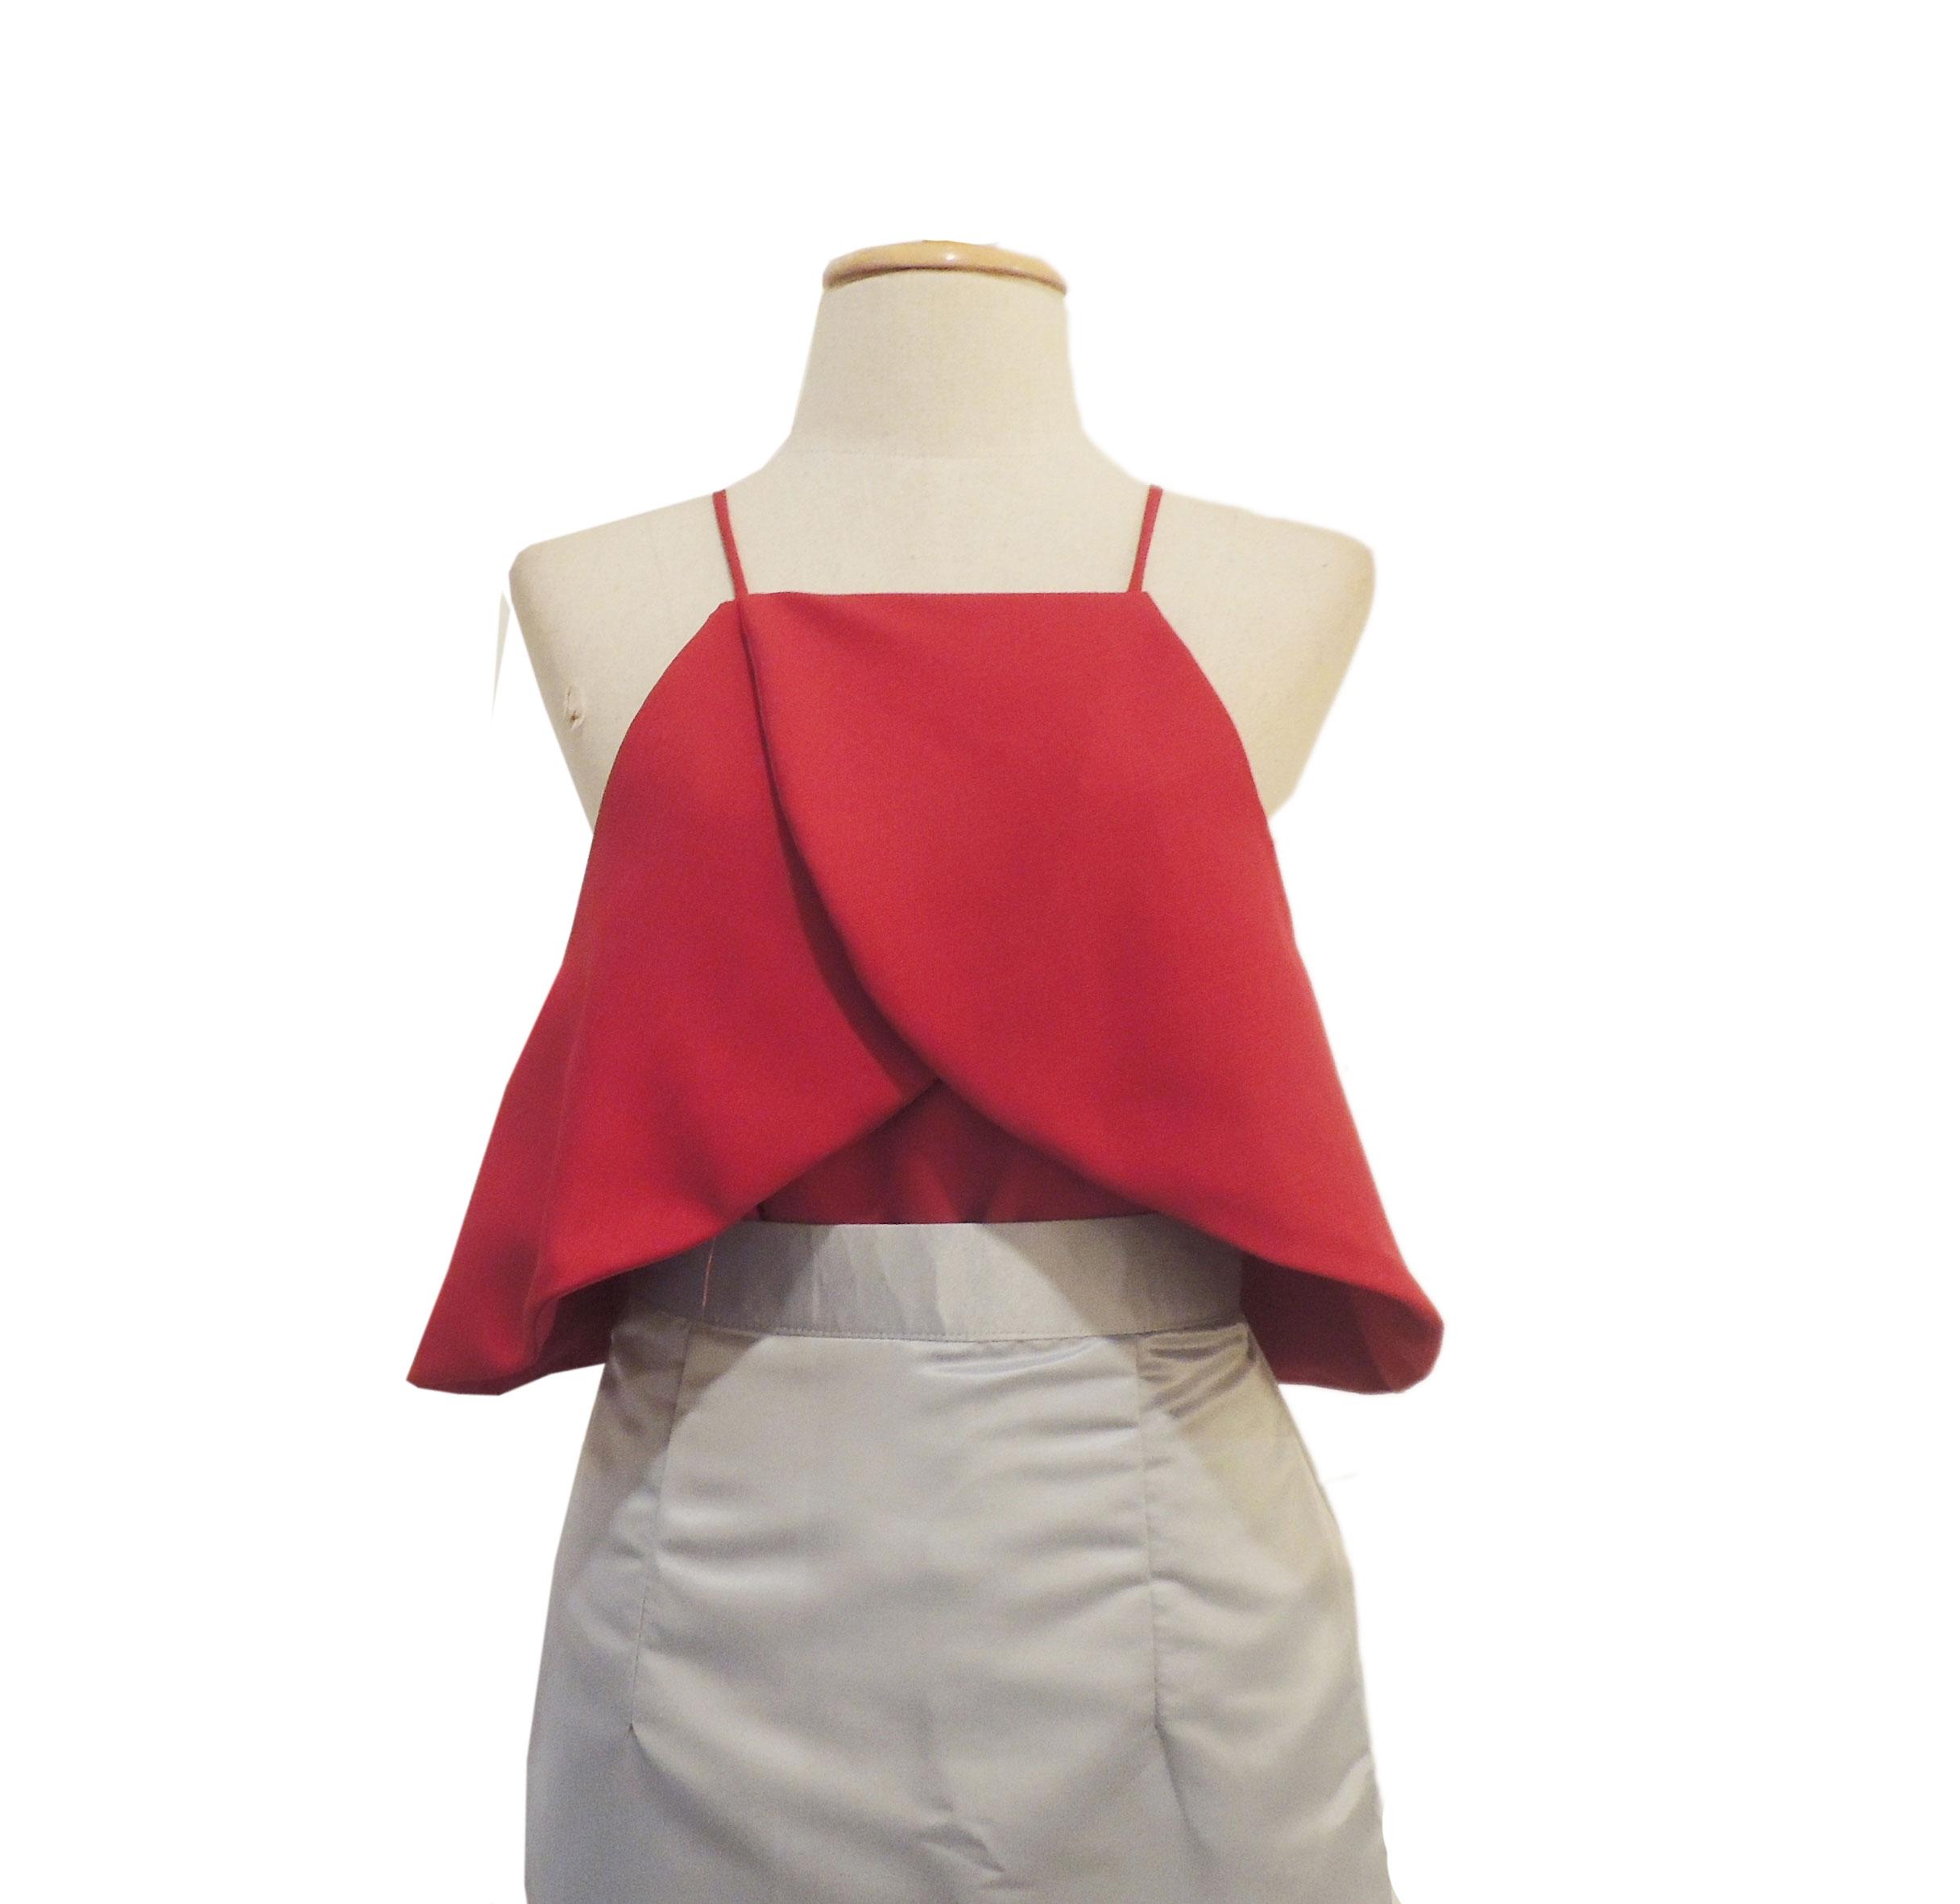 เสื้อออกงานสีแดง เปิดไหล่ คล้องแขน